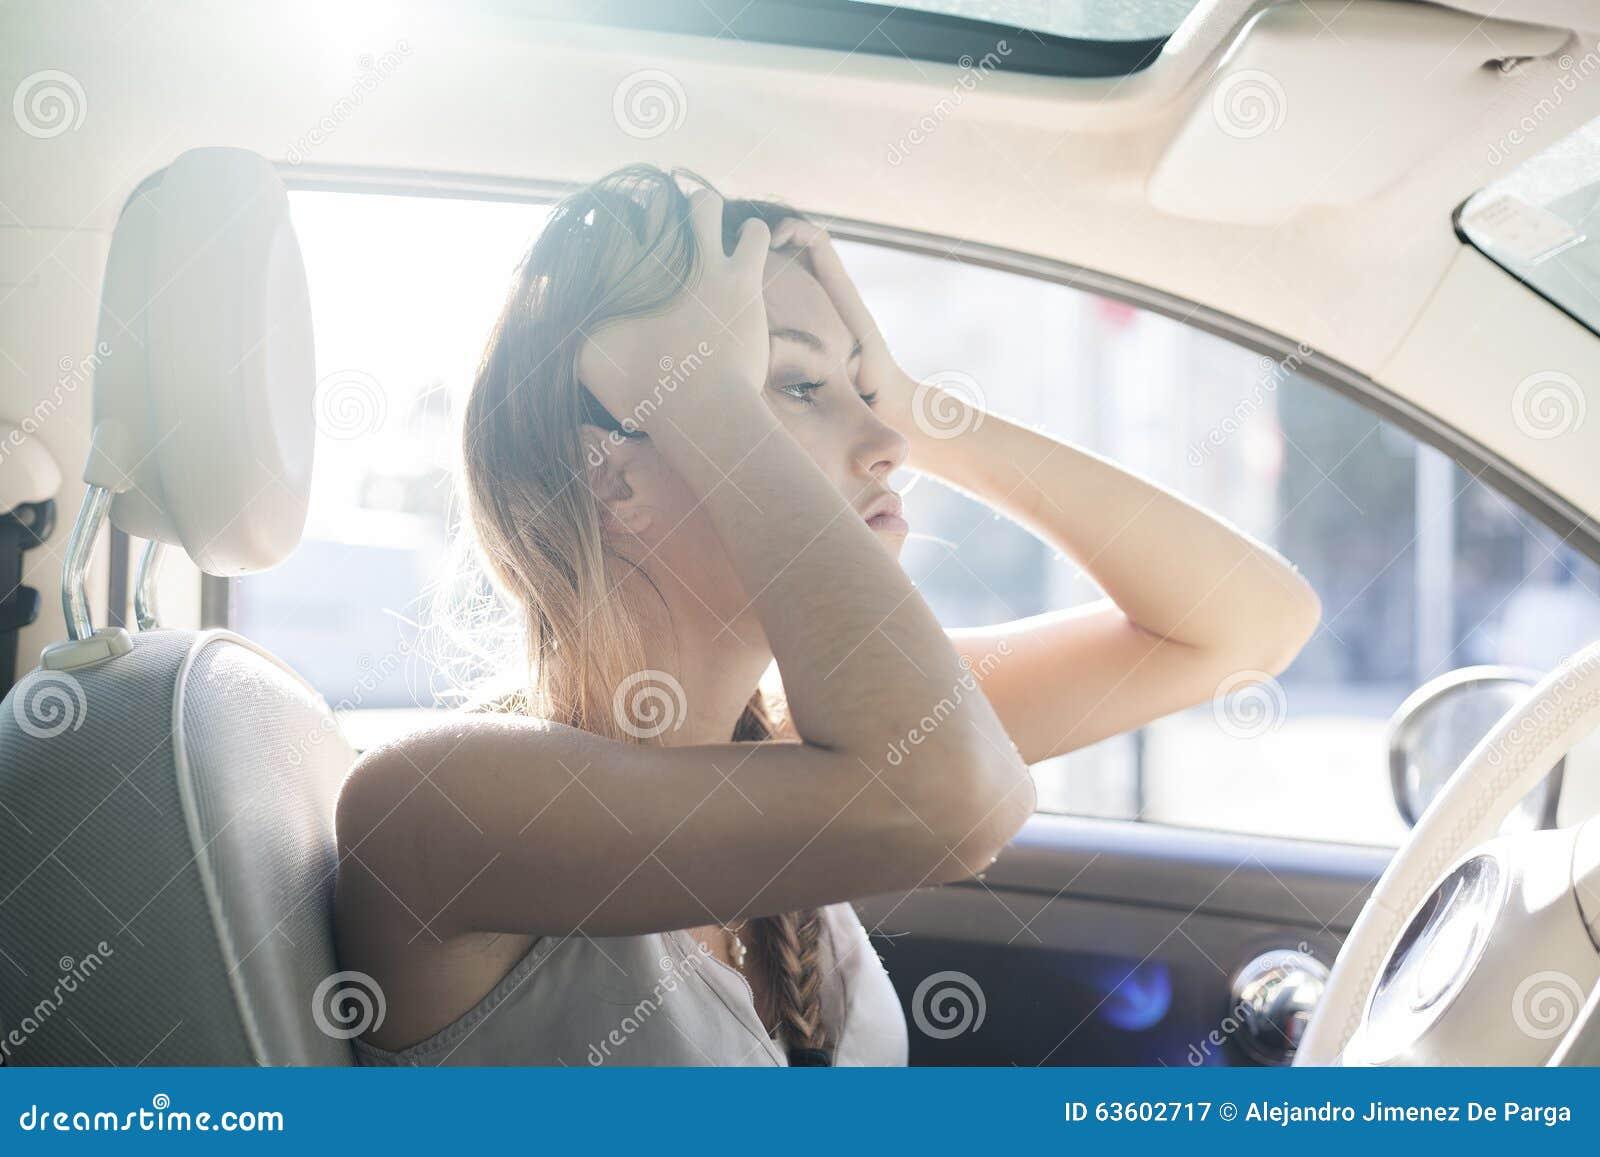 Besvärar på vägen, den trötta kvinnan trycker på hennes panna vid händer medan i en bil